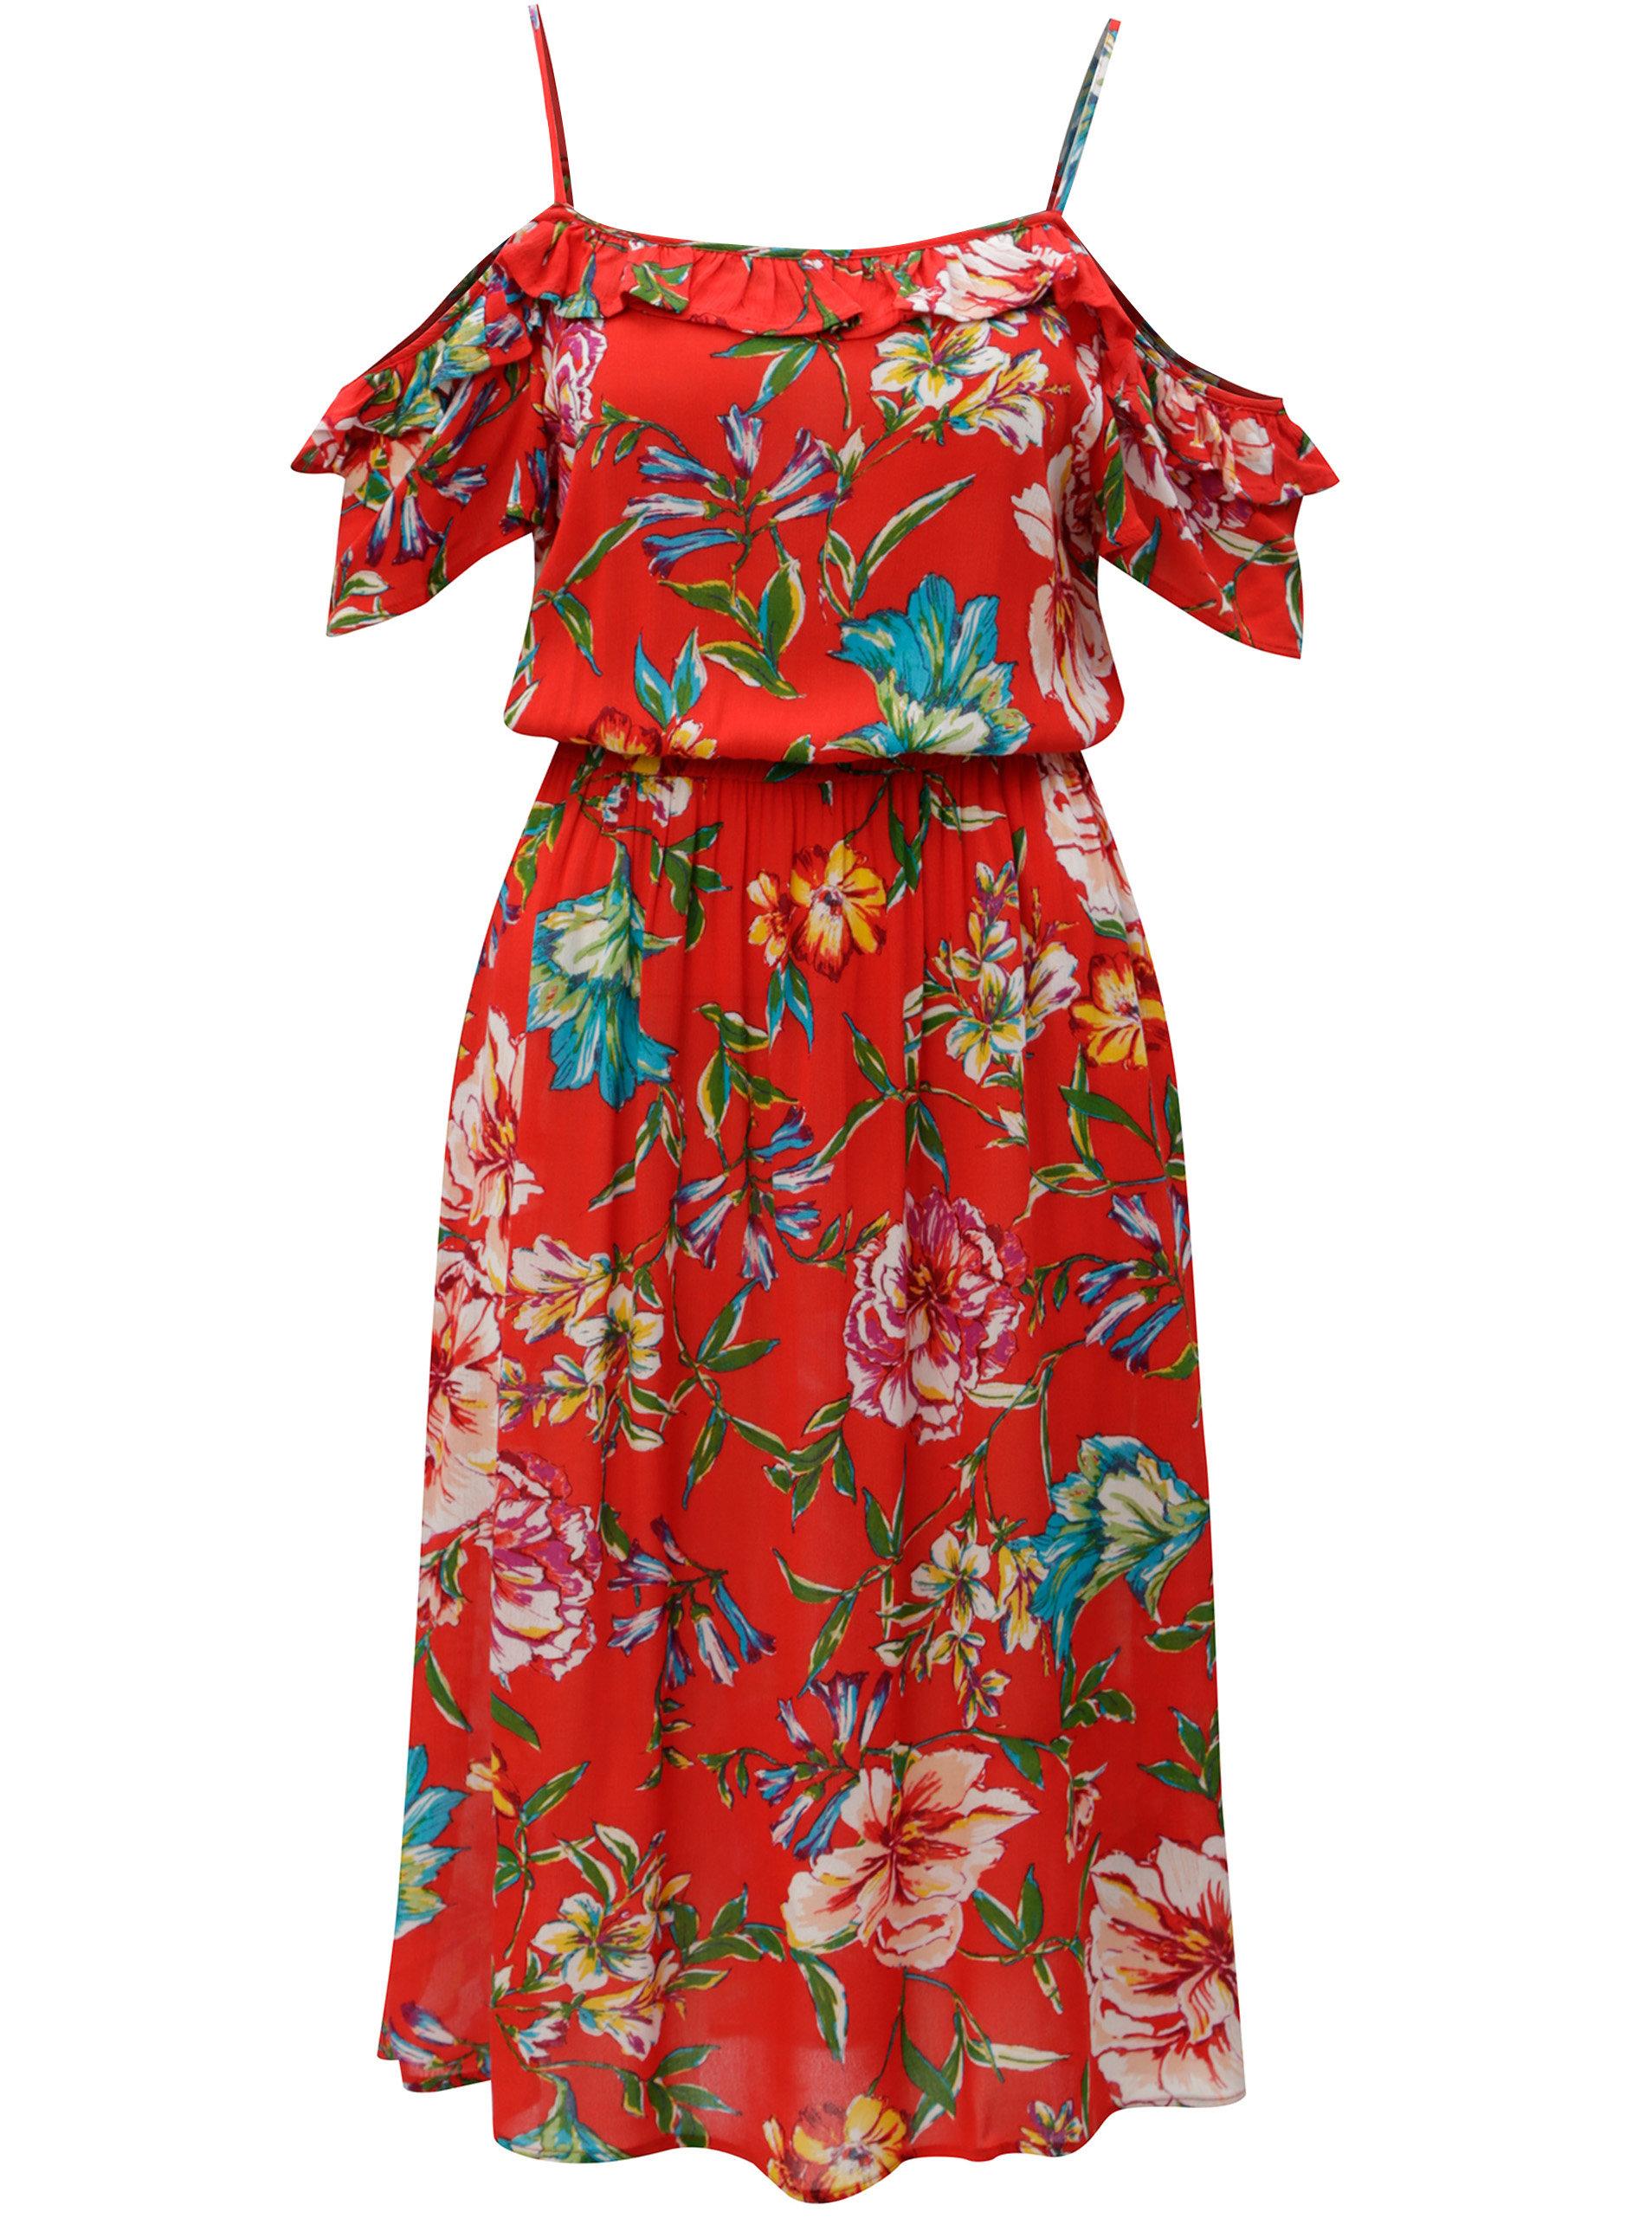 9cdf13e2d557 Červené kvetované šaty s odhalenými ramenami Dorothy Perkins ...